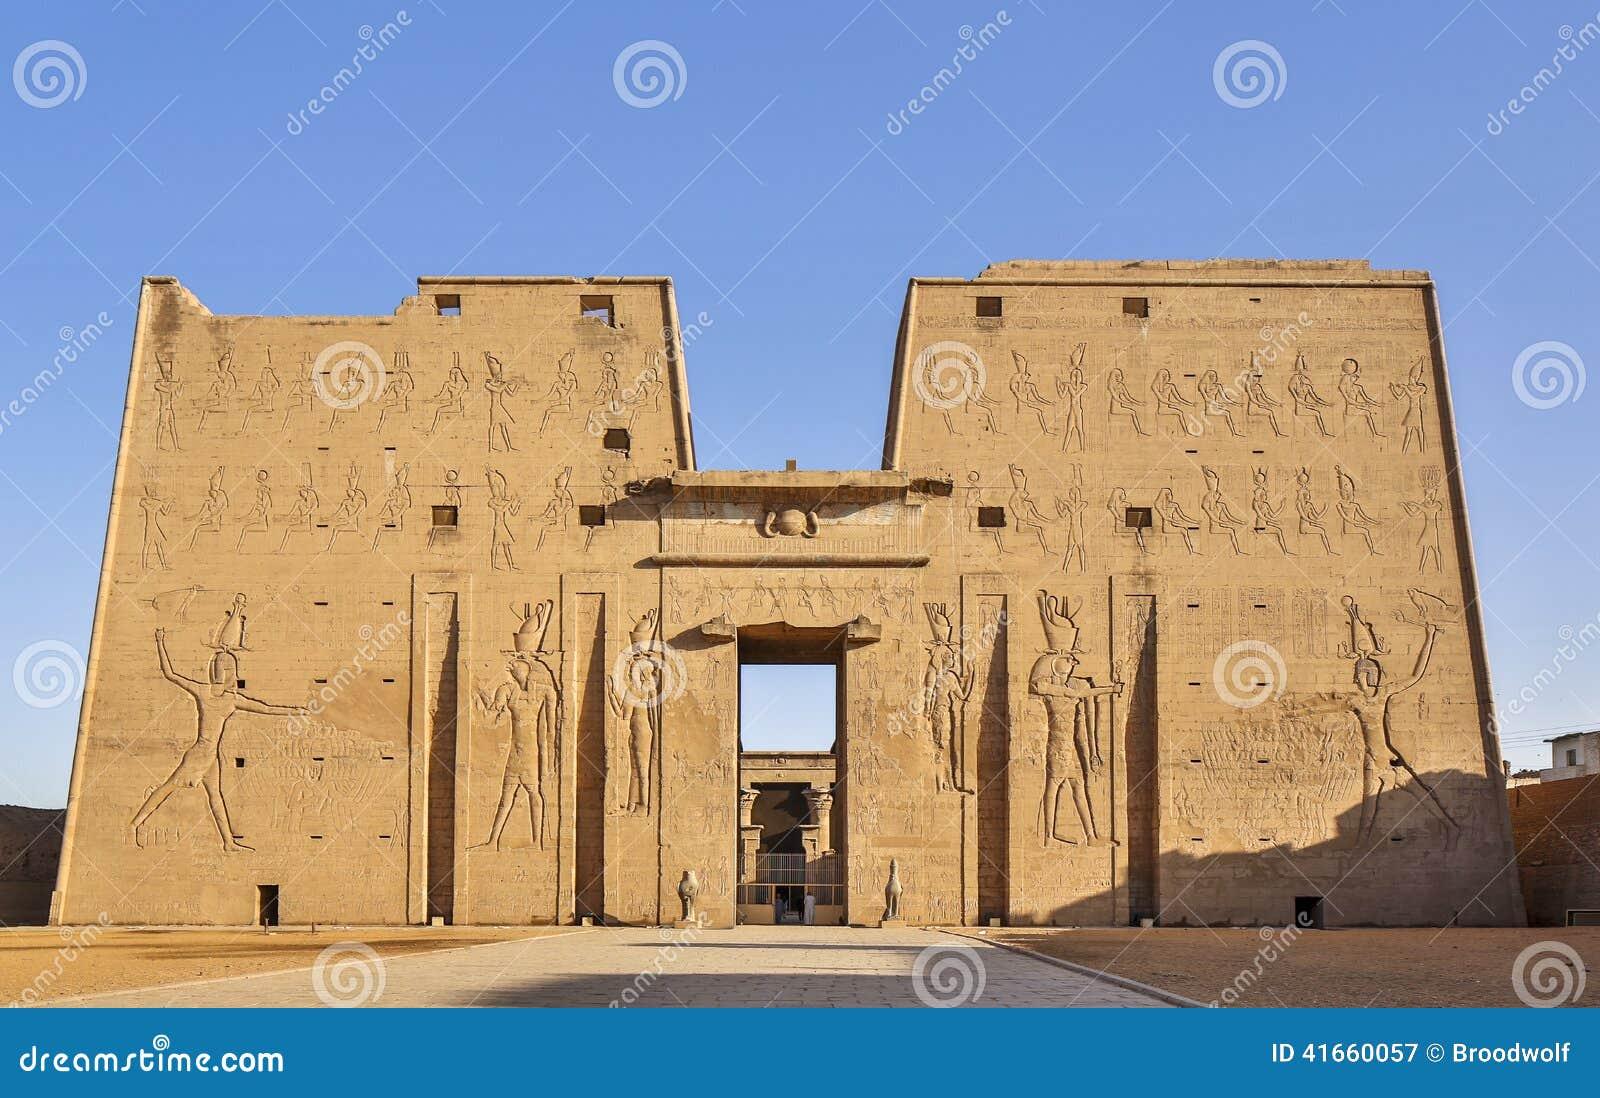 Висок бога хоука в Египте